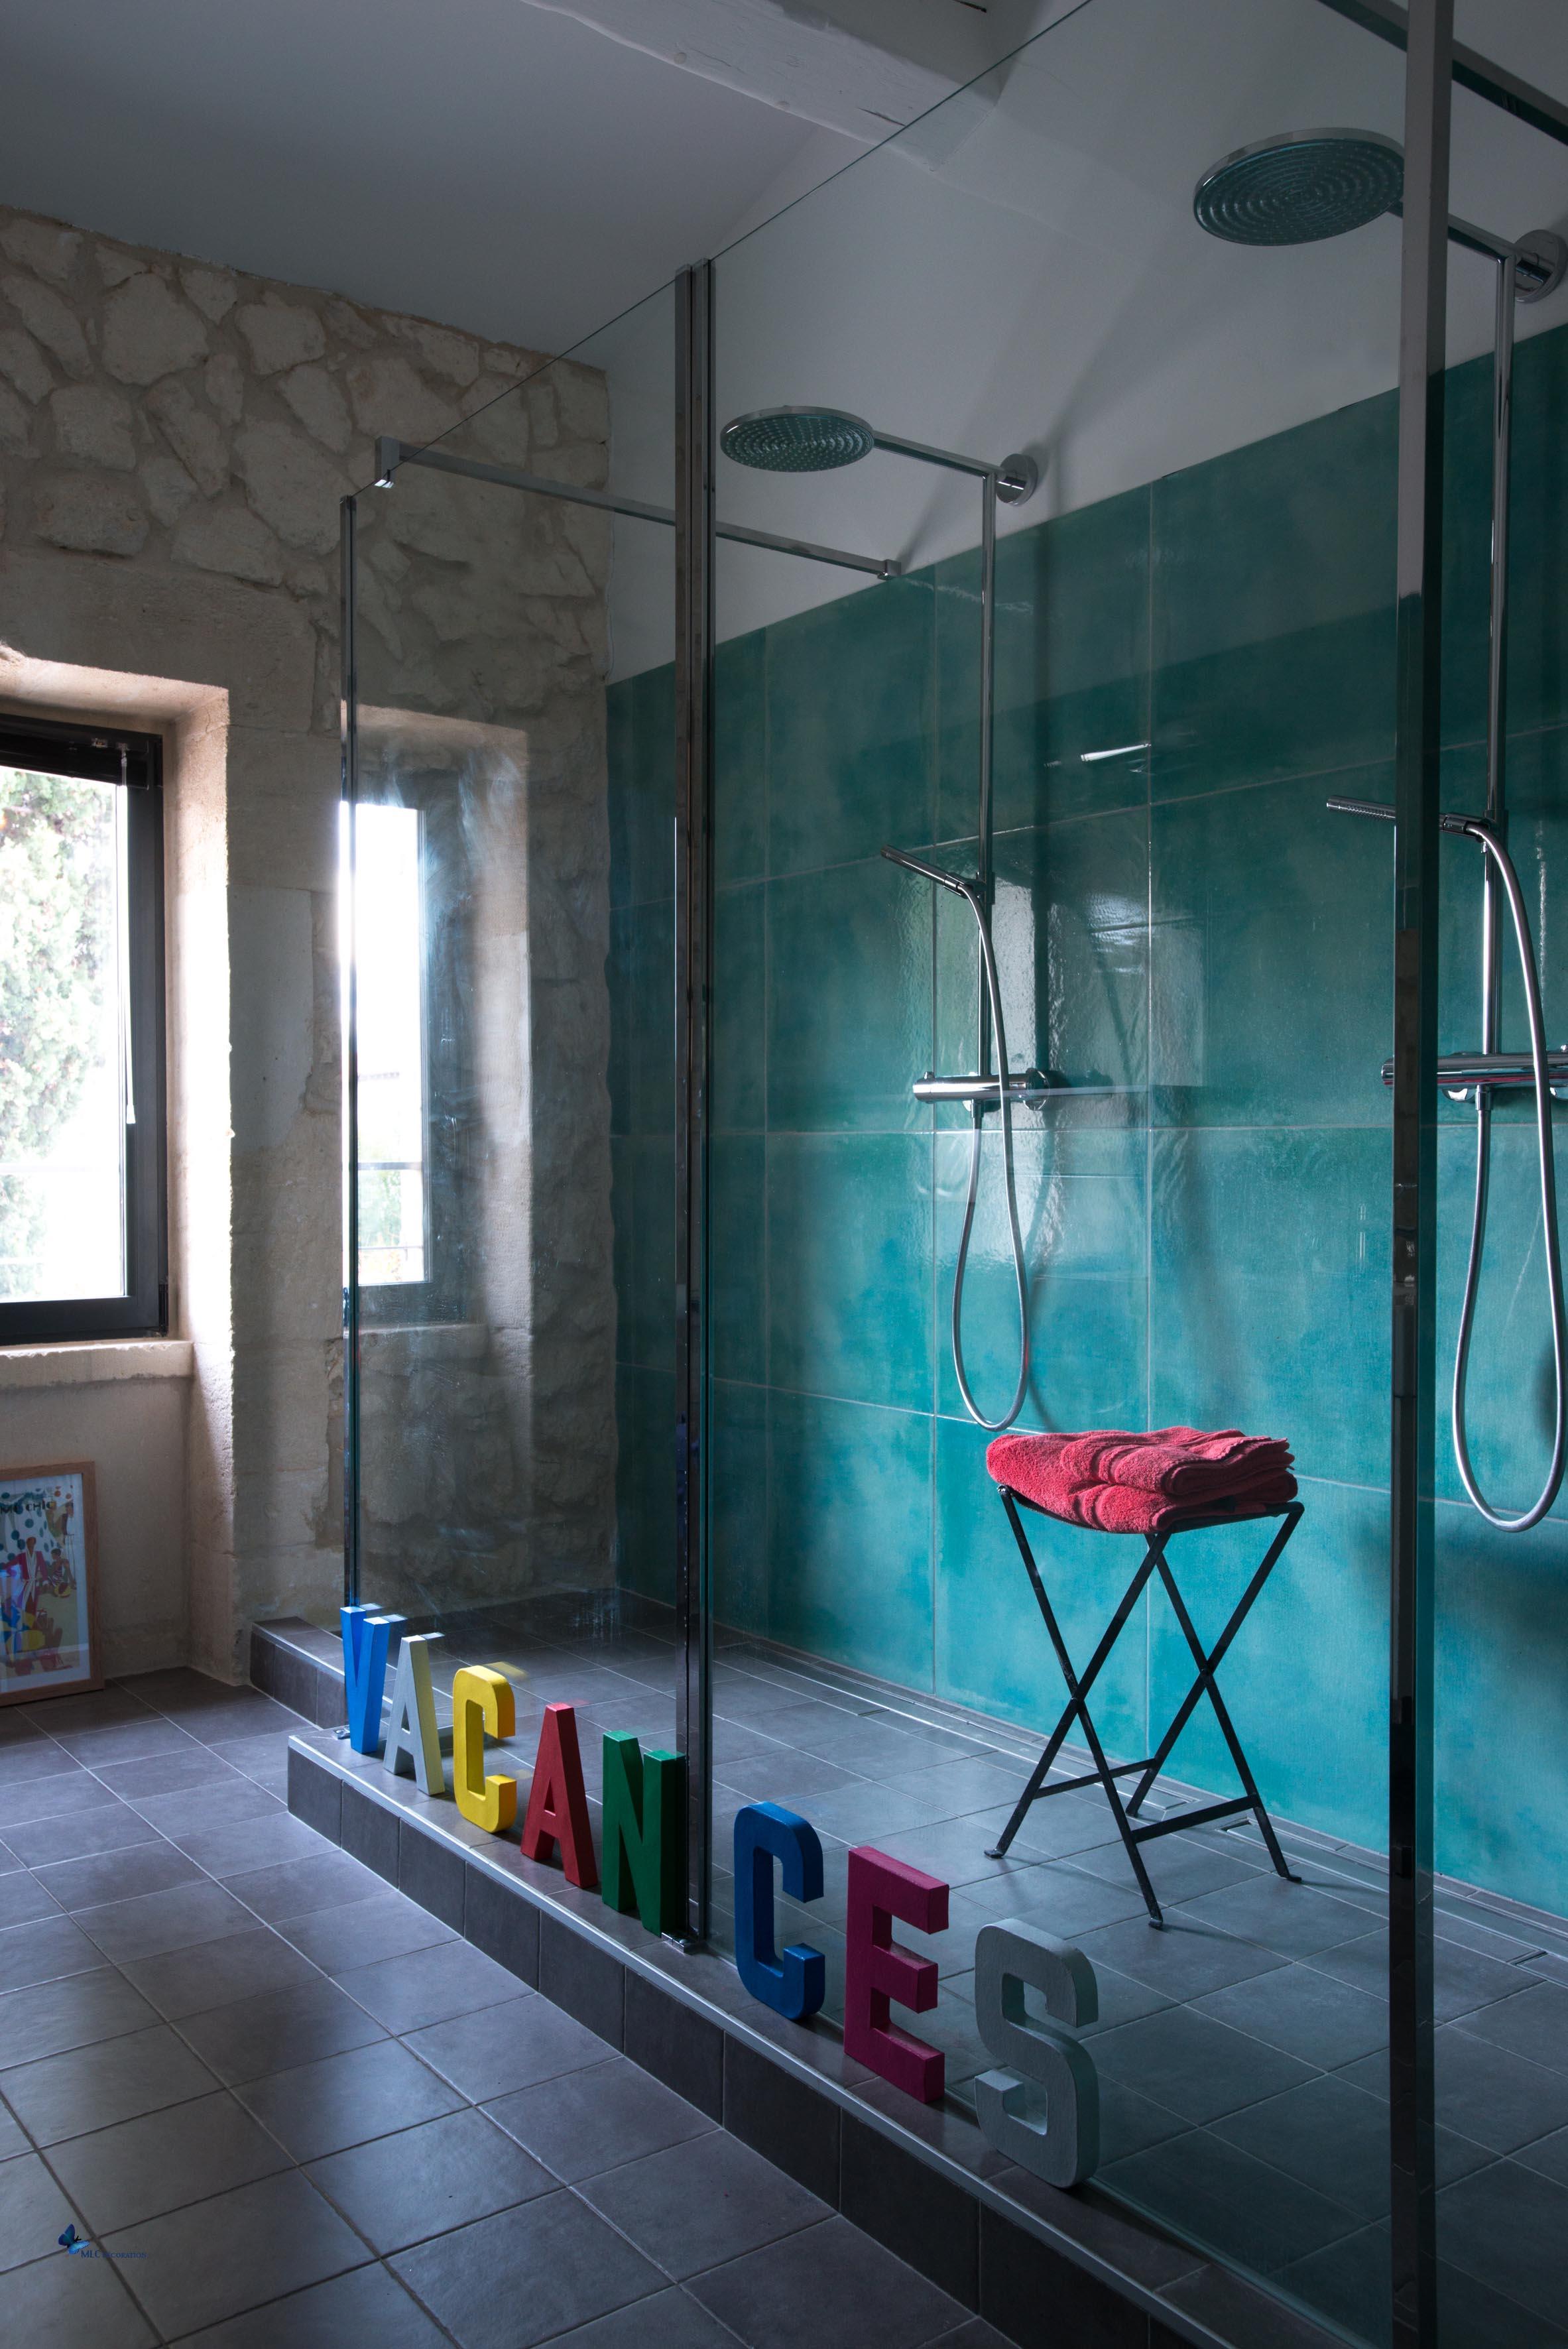 D co chambre et salle de bain turquoise couleur peinture for Salle de bain noir et turquoise